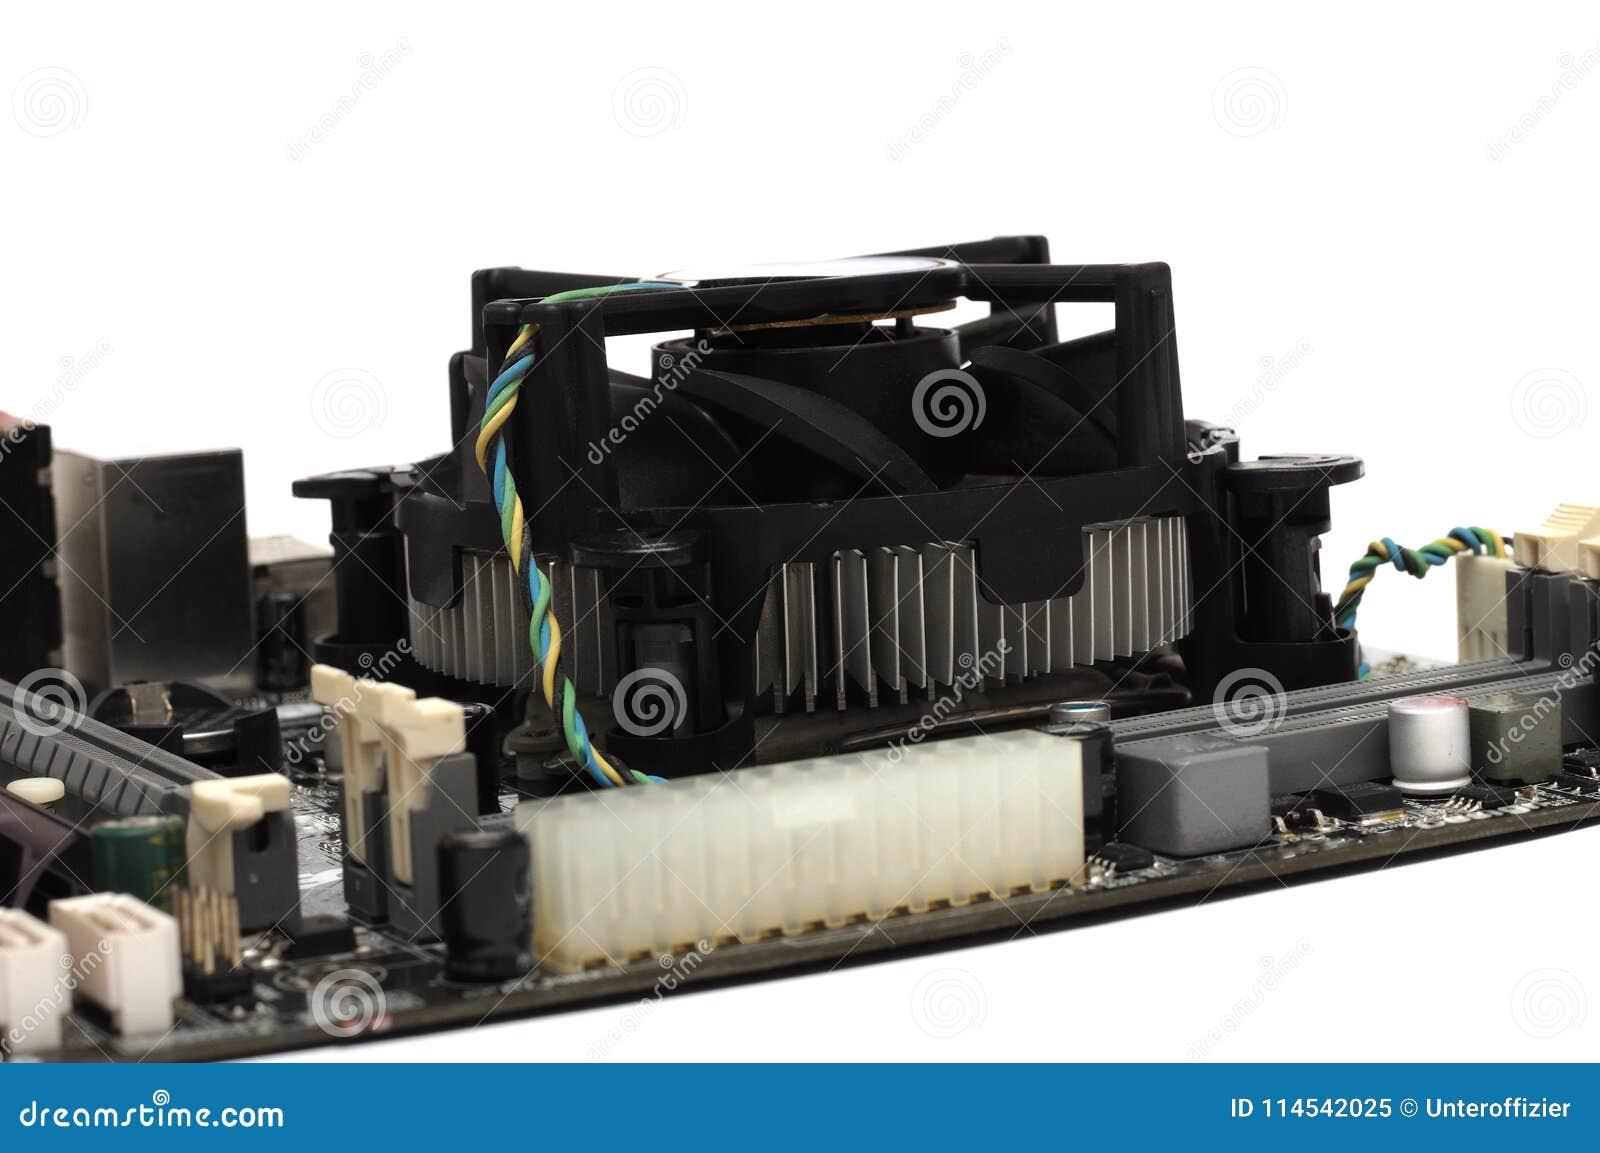 a computer motherboard processor heatsink fan stock image image of